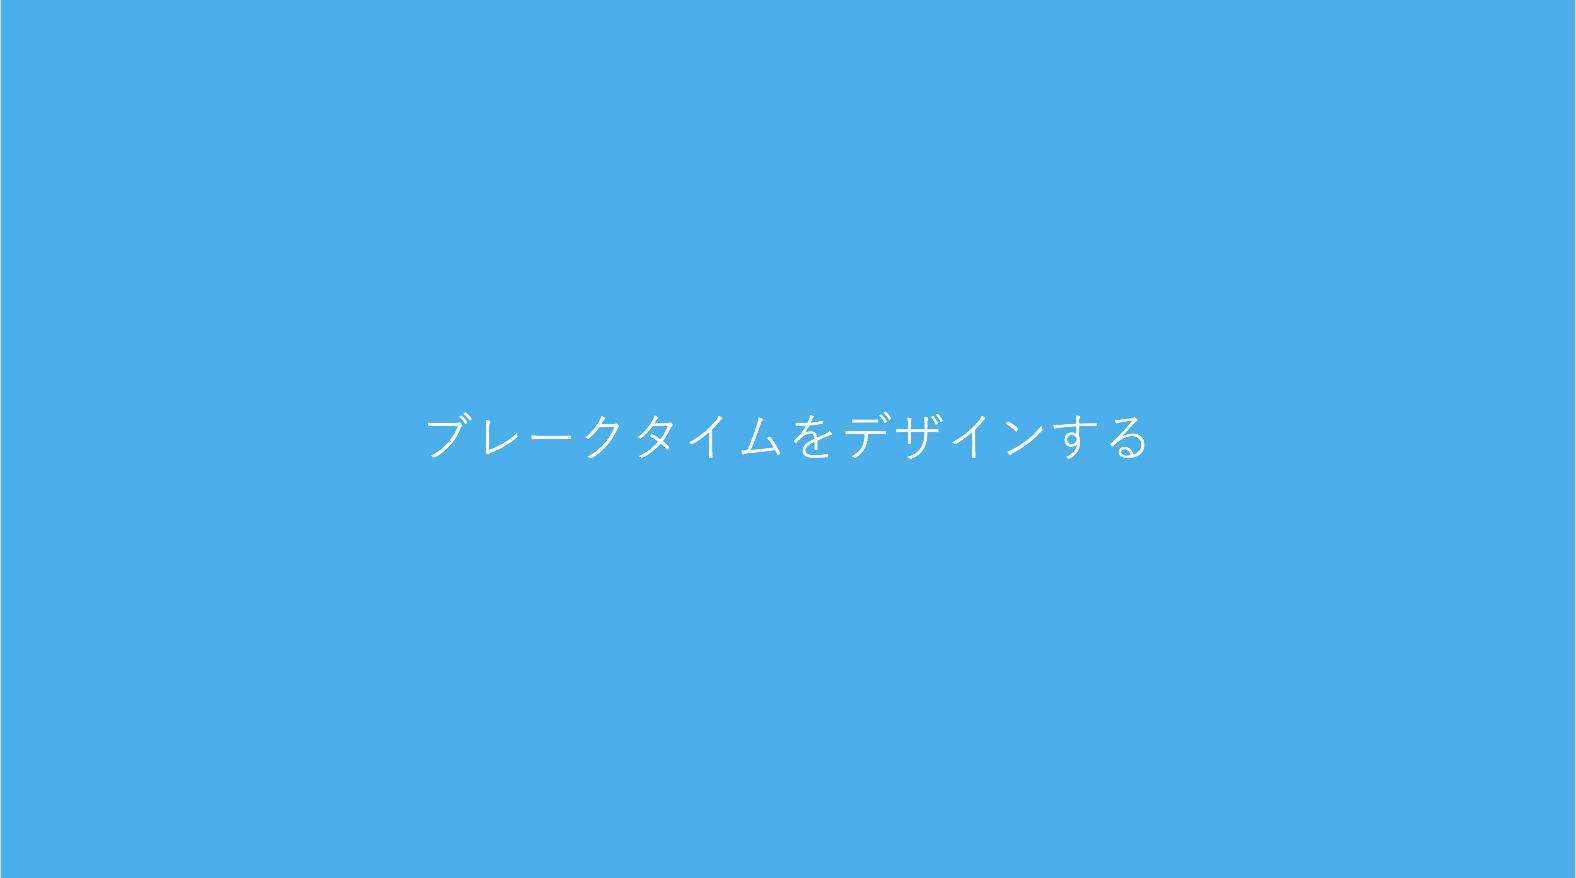 スクリーンショット 2017-12-01 14.58.22